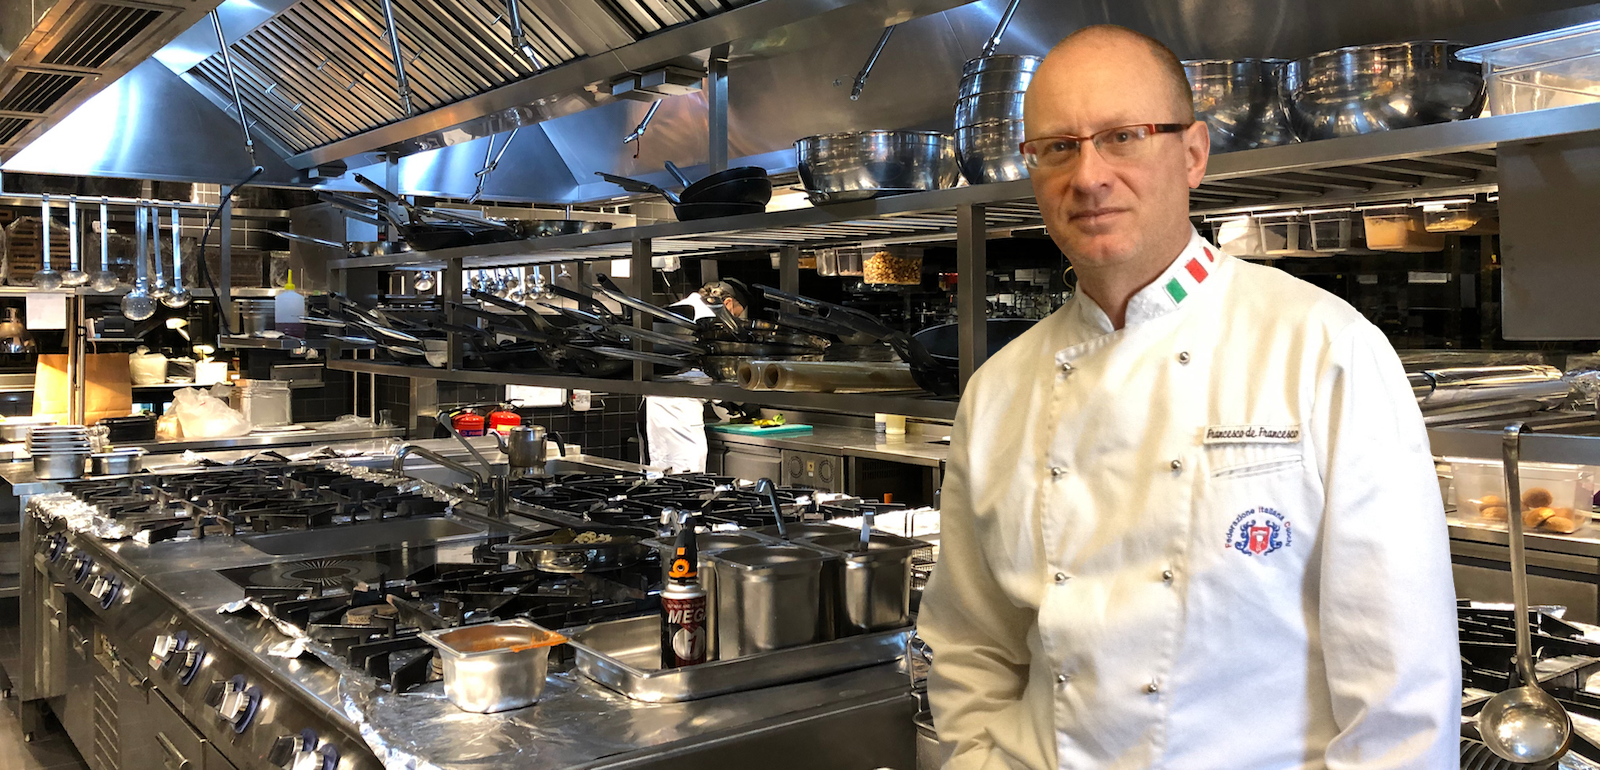 Un corso chef, con l'executive chef Francesco de Francesco, come docente, per imparare a gestire una brigata di cucina.